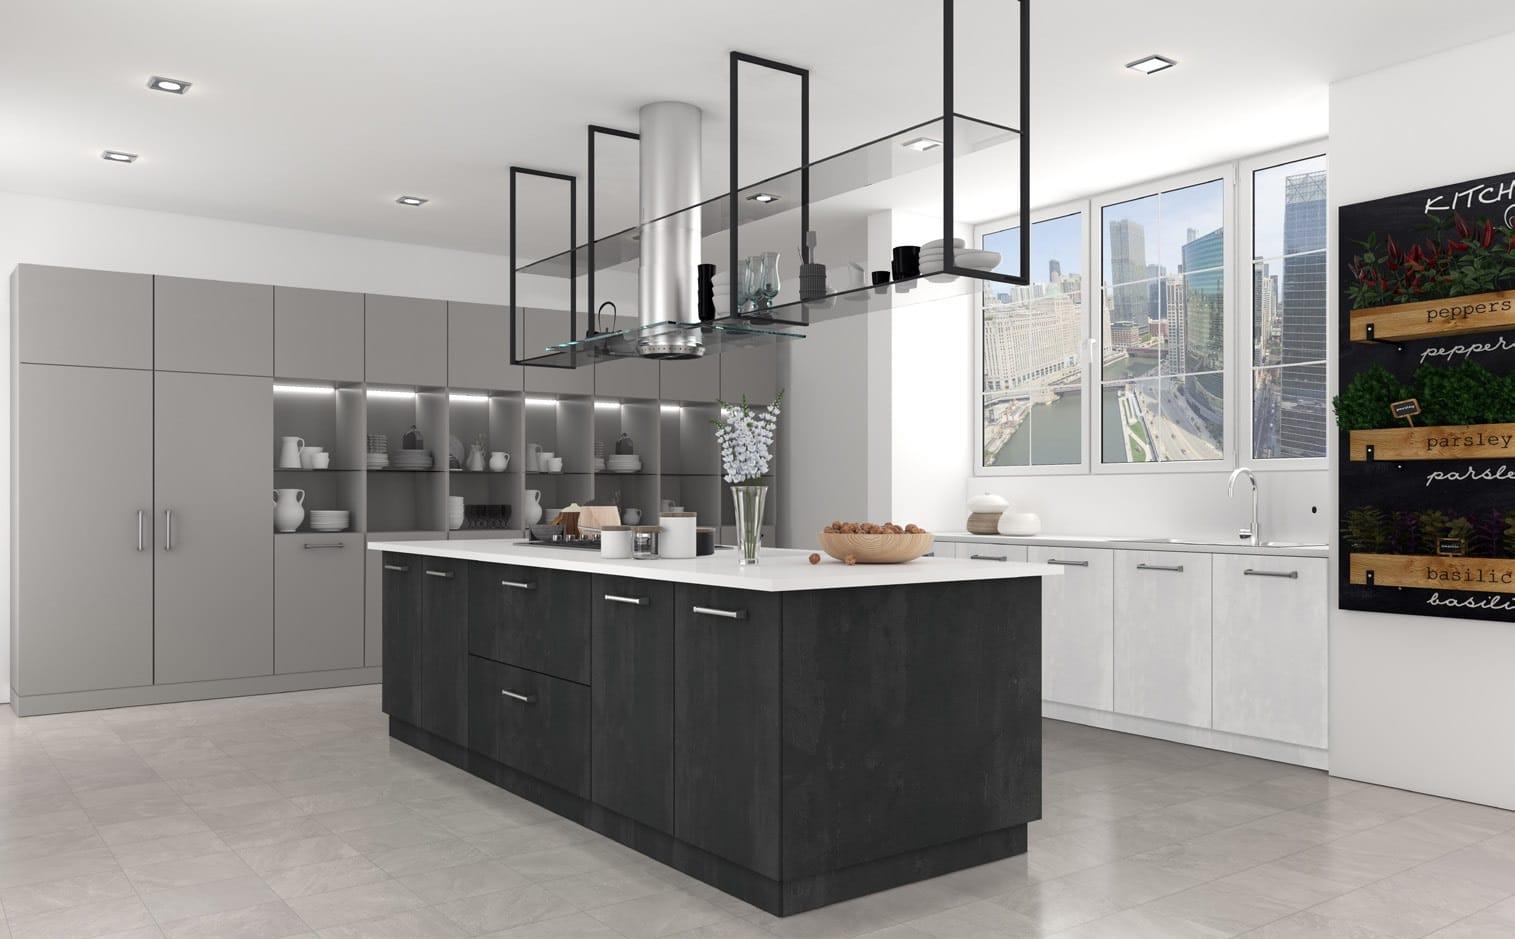 Isla Cocina para reforma piso madrid